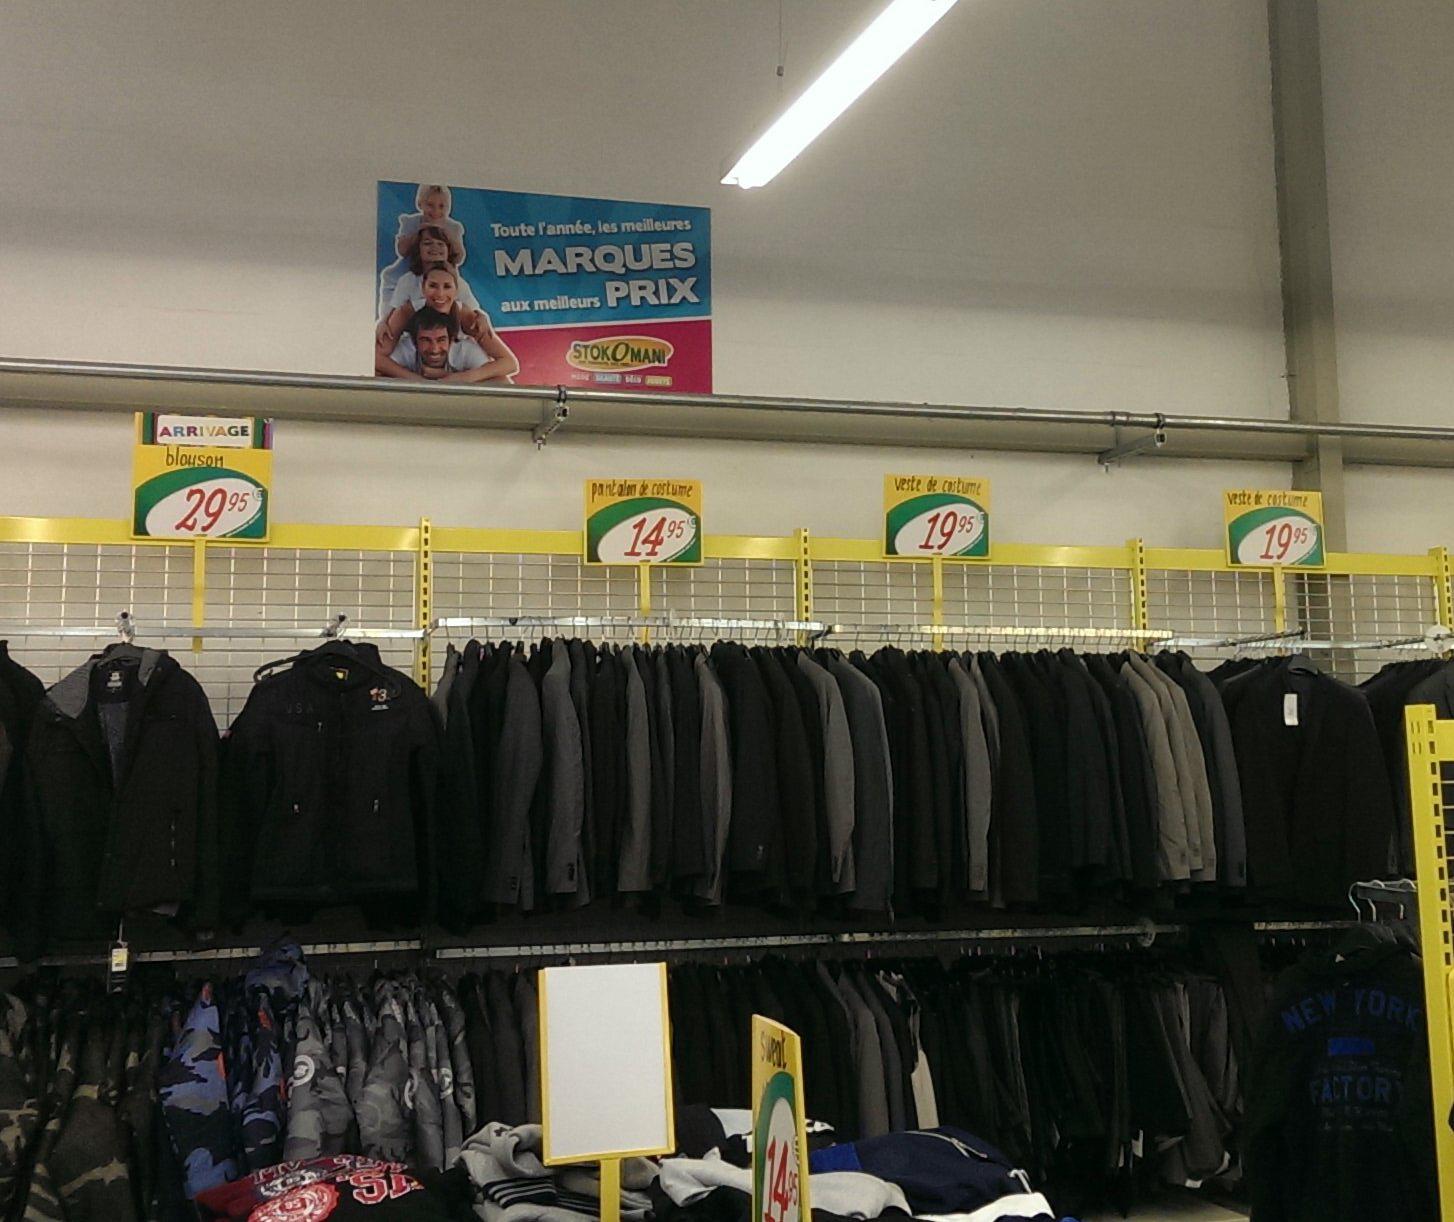 Sélection de vestes et chemises Celio à 11.95€, pantalons